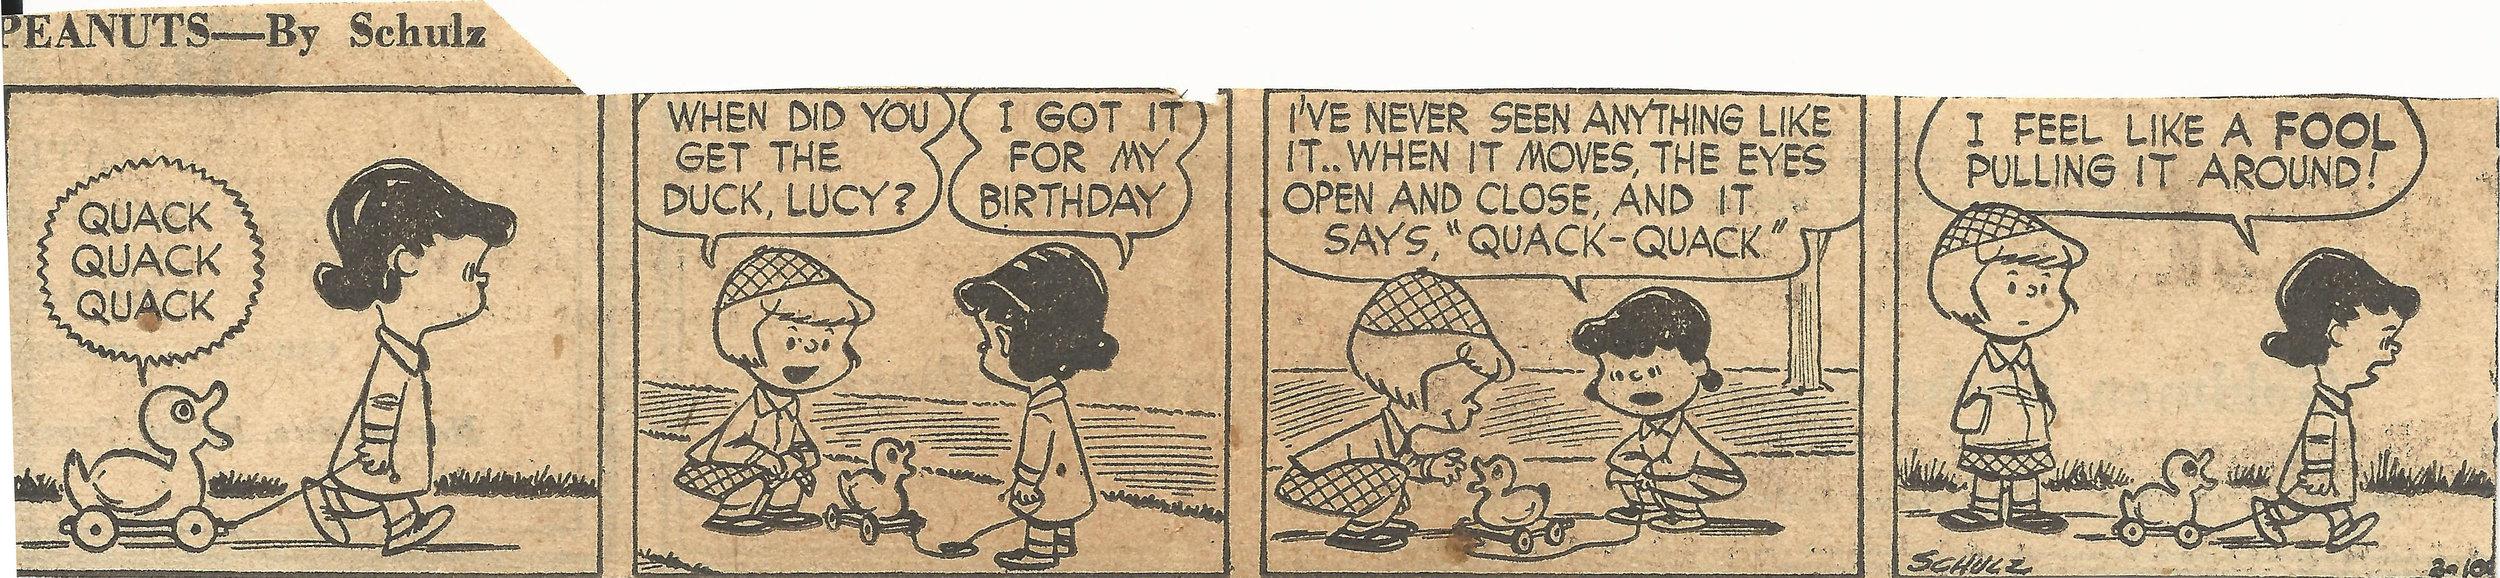 8. Feb. 10, 1953 (Oma)_Page_5 (1).jpg